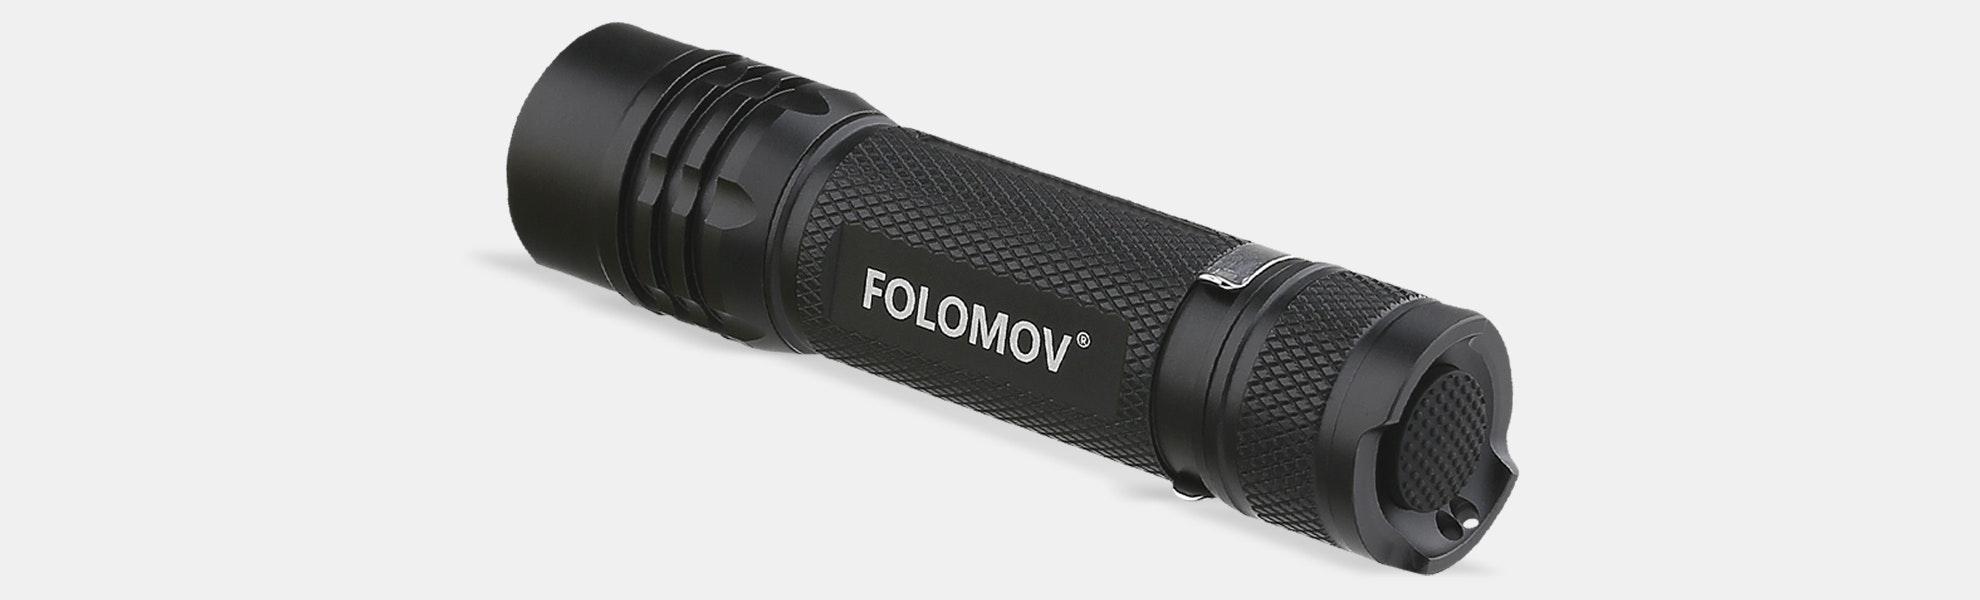 Folomov 18650S 900-Lumen Tactical Flashlight